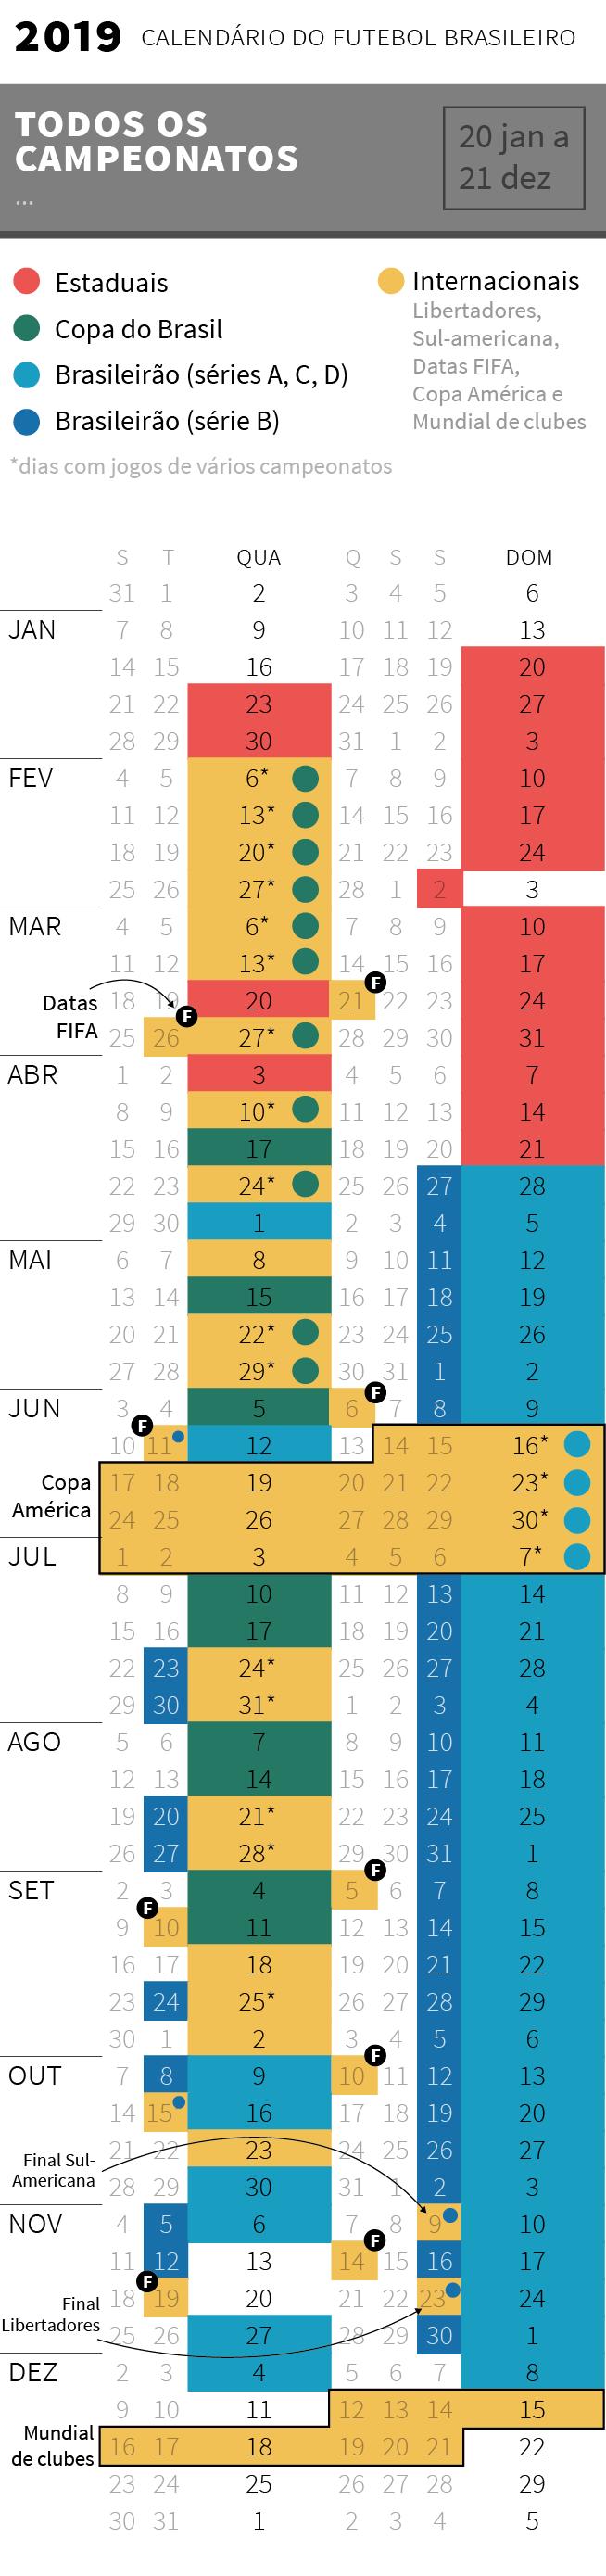 Datas dos jogos dos principais campeonatos no Brasil em 2019, divulgadas pela CBF em outubro: Campeonato Brasileiro, Copa do Brasil, Copa Sul-Americana, Libertadores, Copa América, Mundial de Clubes e Campeonatos Estaduais